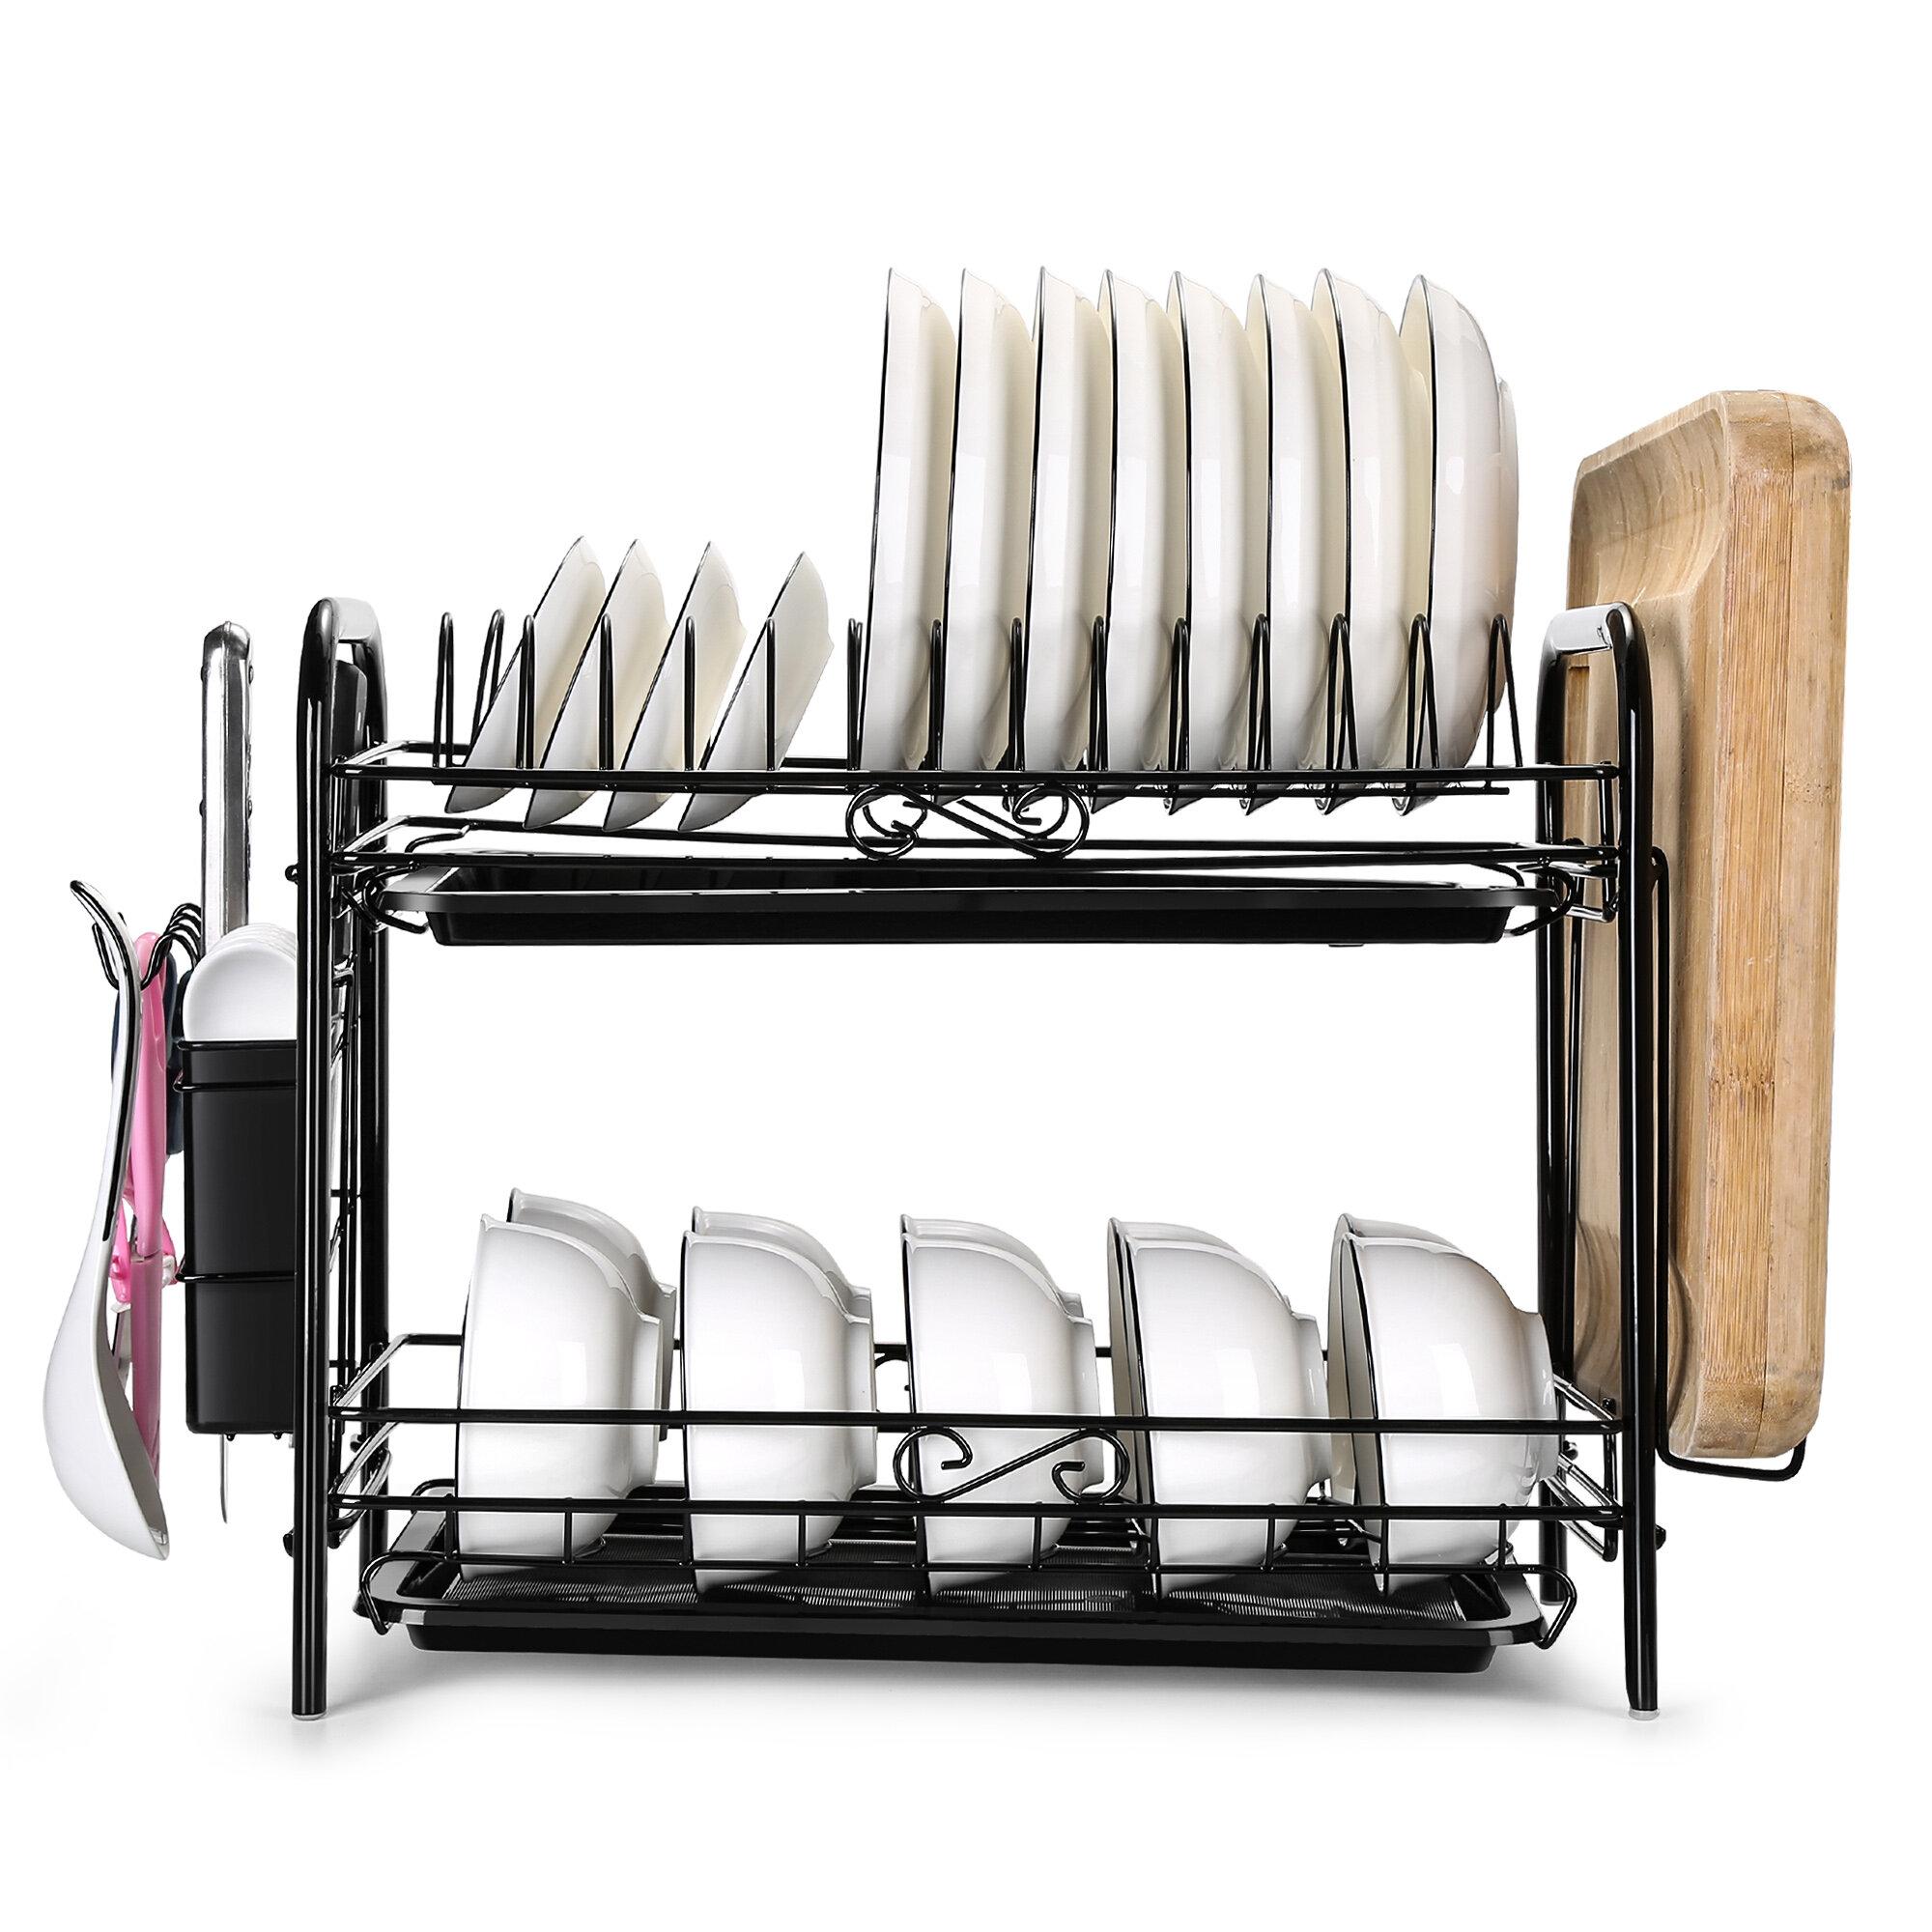 2 tiers metal dish rack